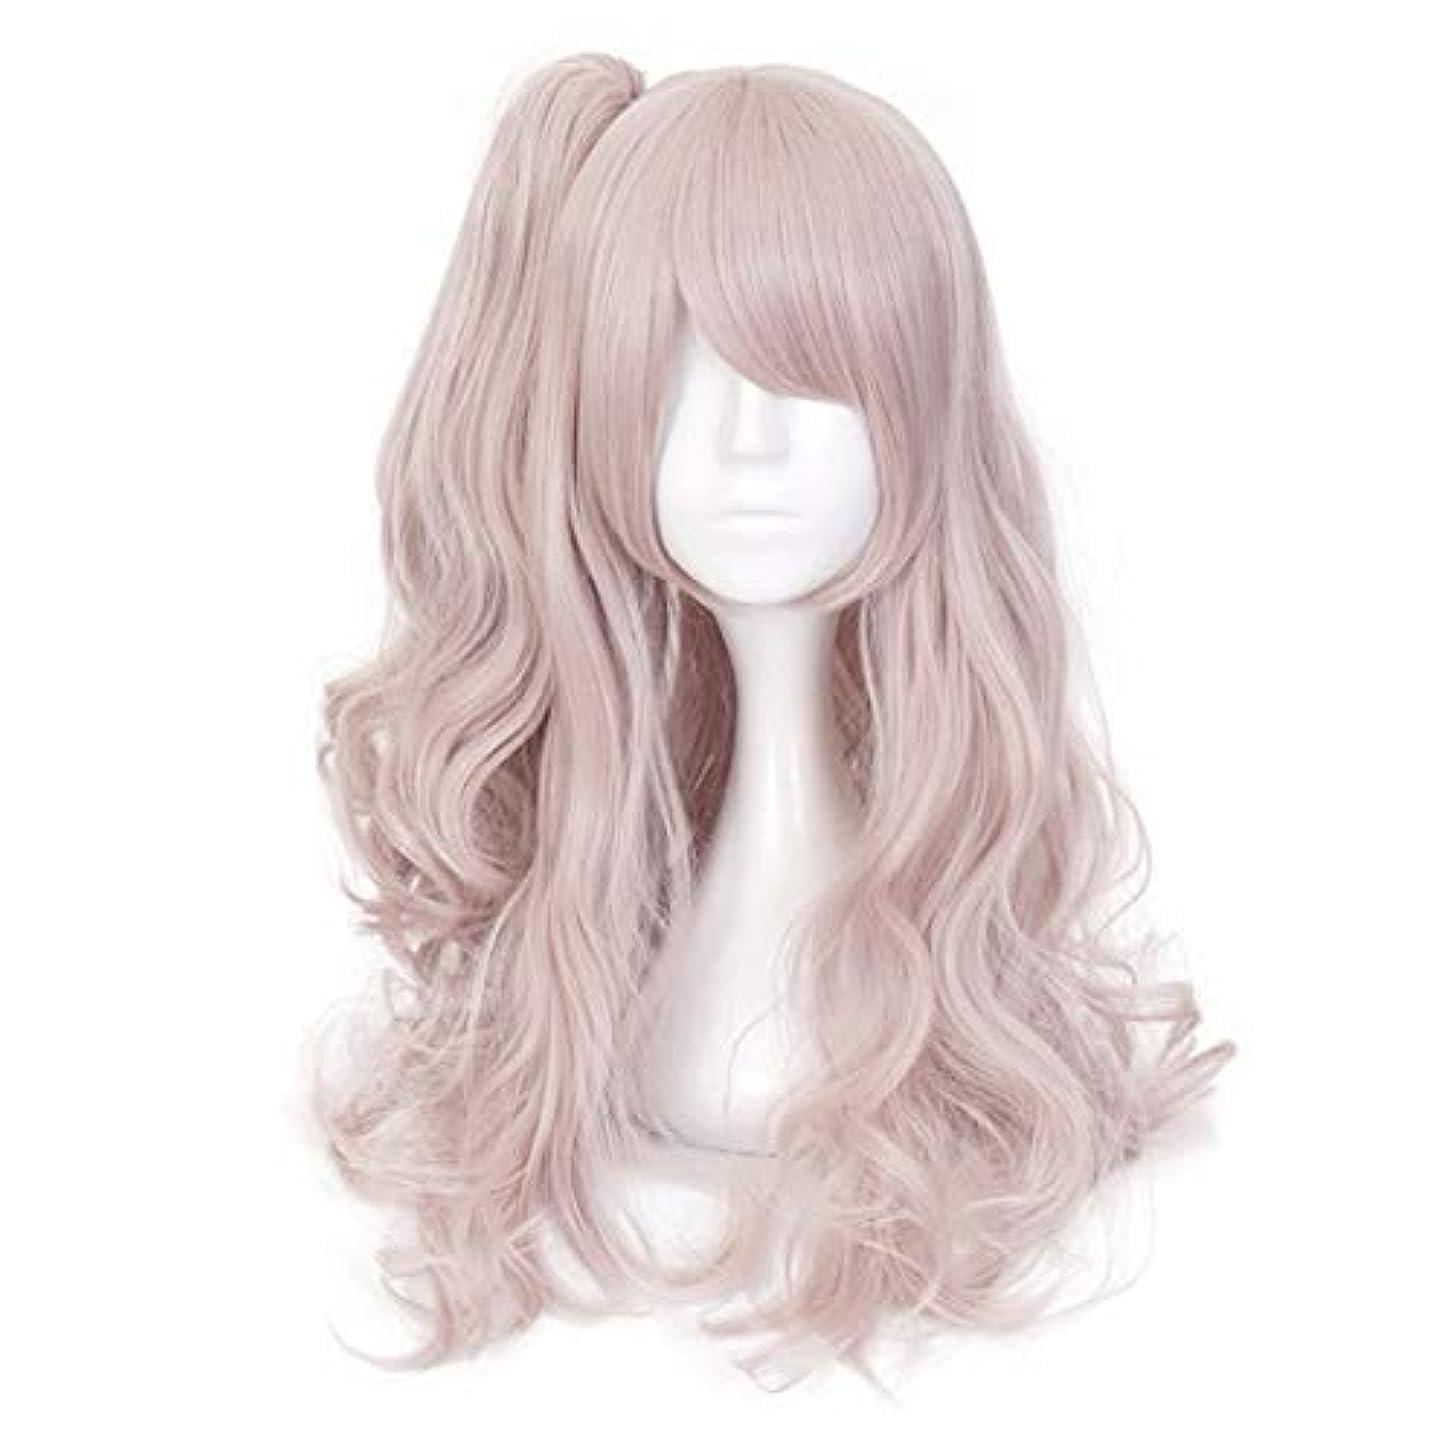 自体水素マイコンKoloeplf ロングカーリーグラデーションピンクラブリーガールコスプレウィッグフル人工毛アニメヘア (Color : Pink)